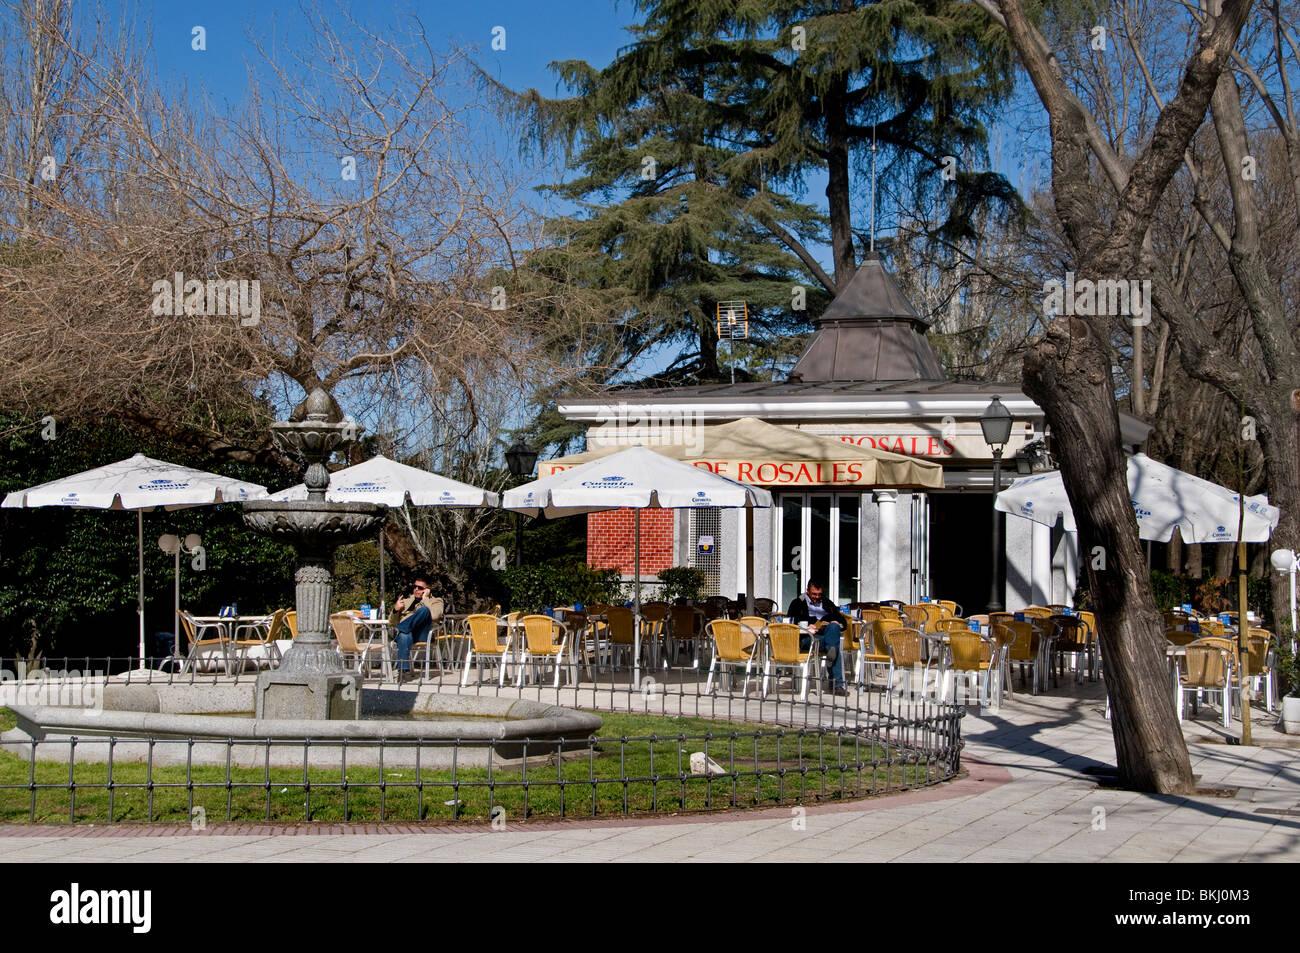 Im Außenbereich Bar Cafe Pub am Passeo del Printor Rosales Stockbild